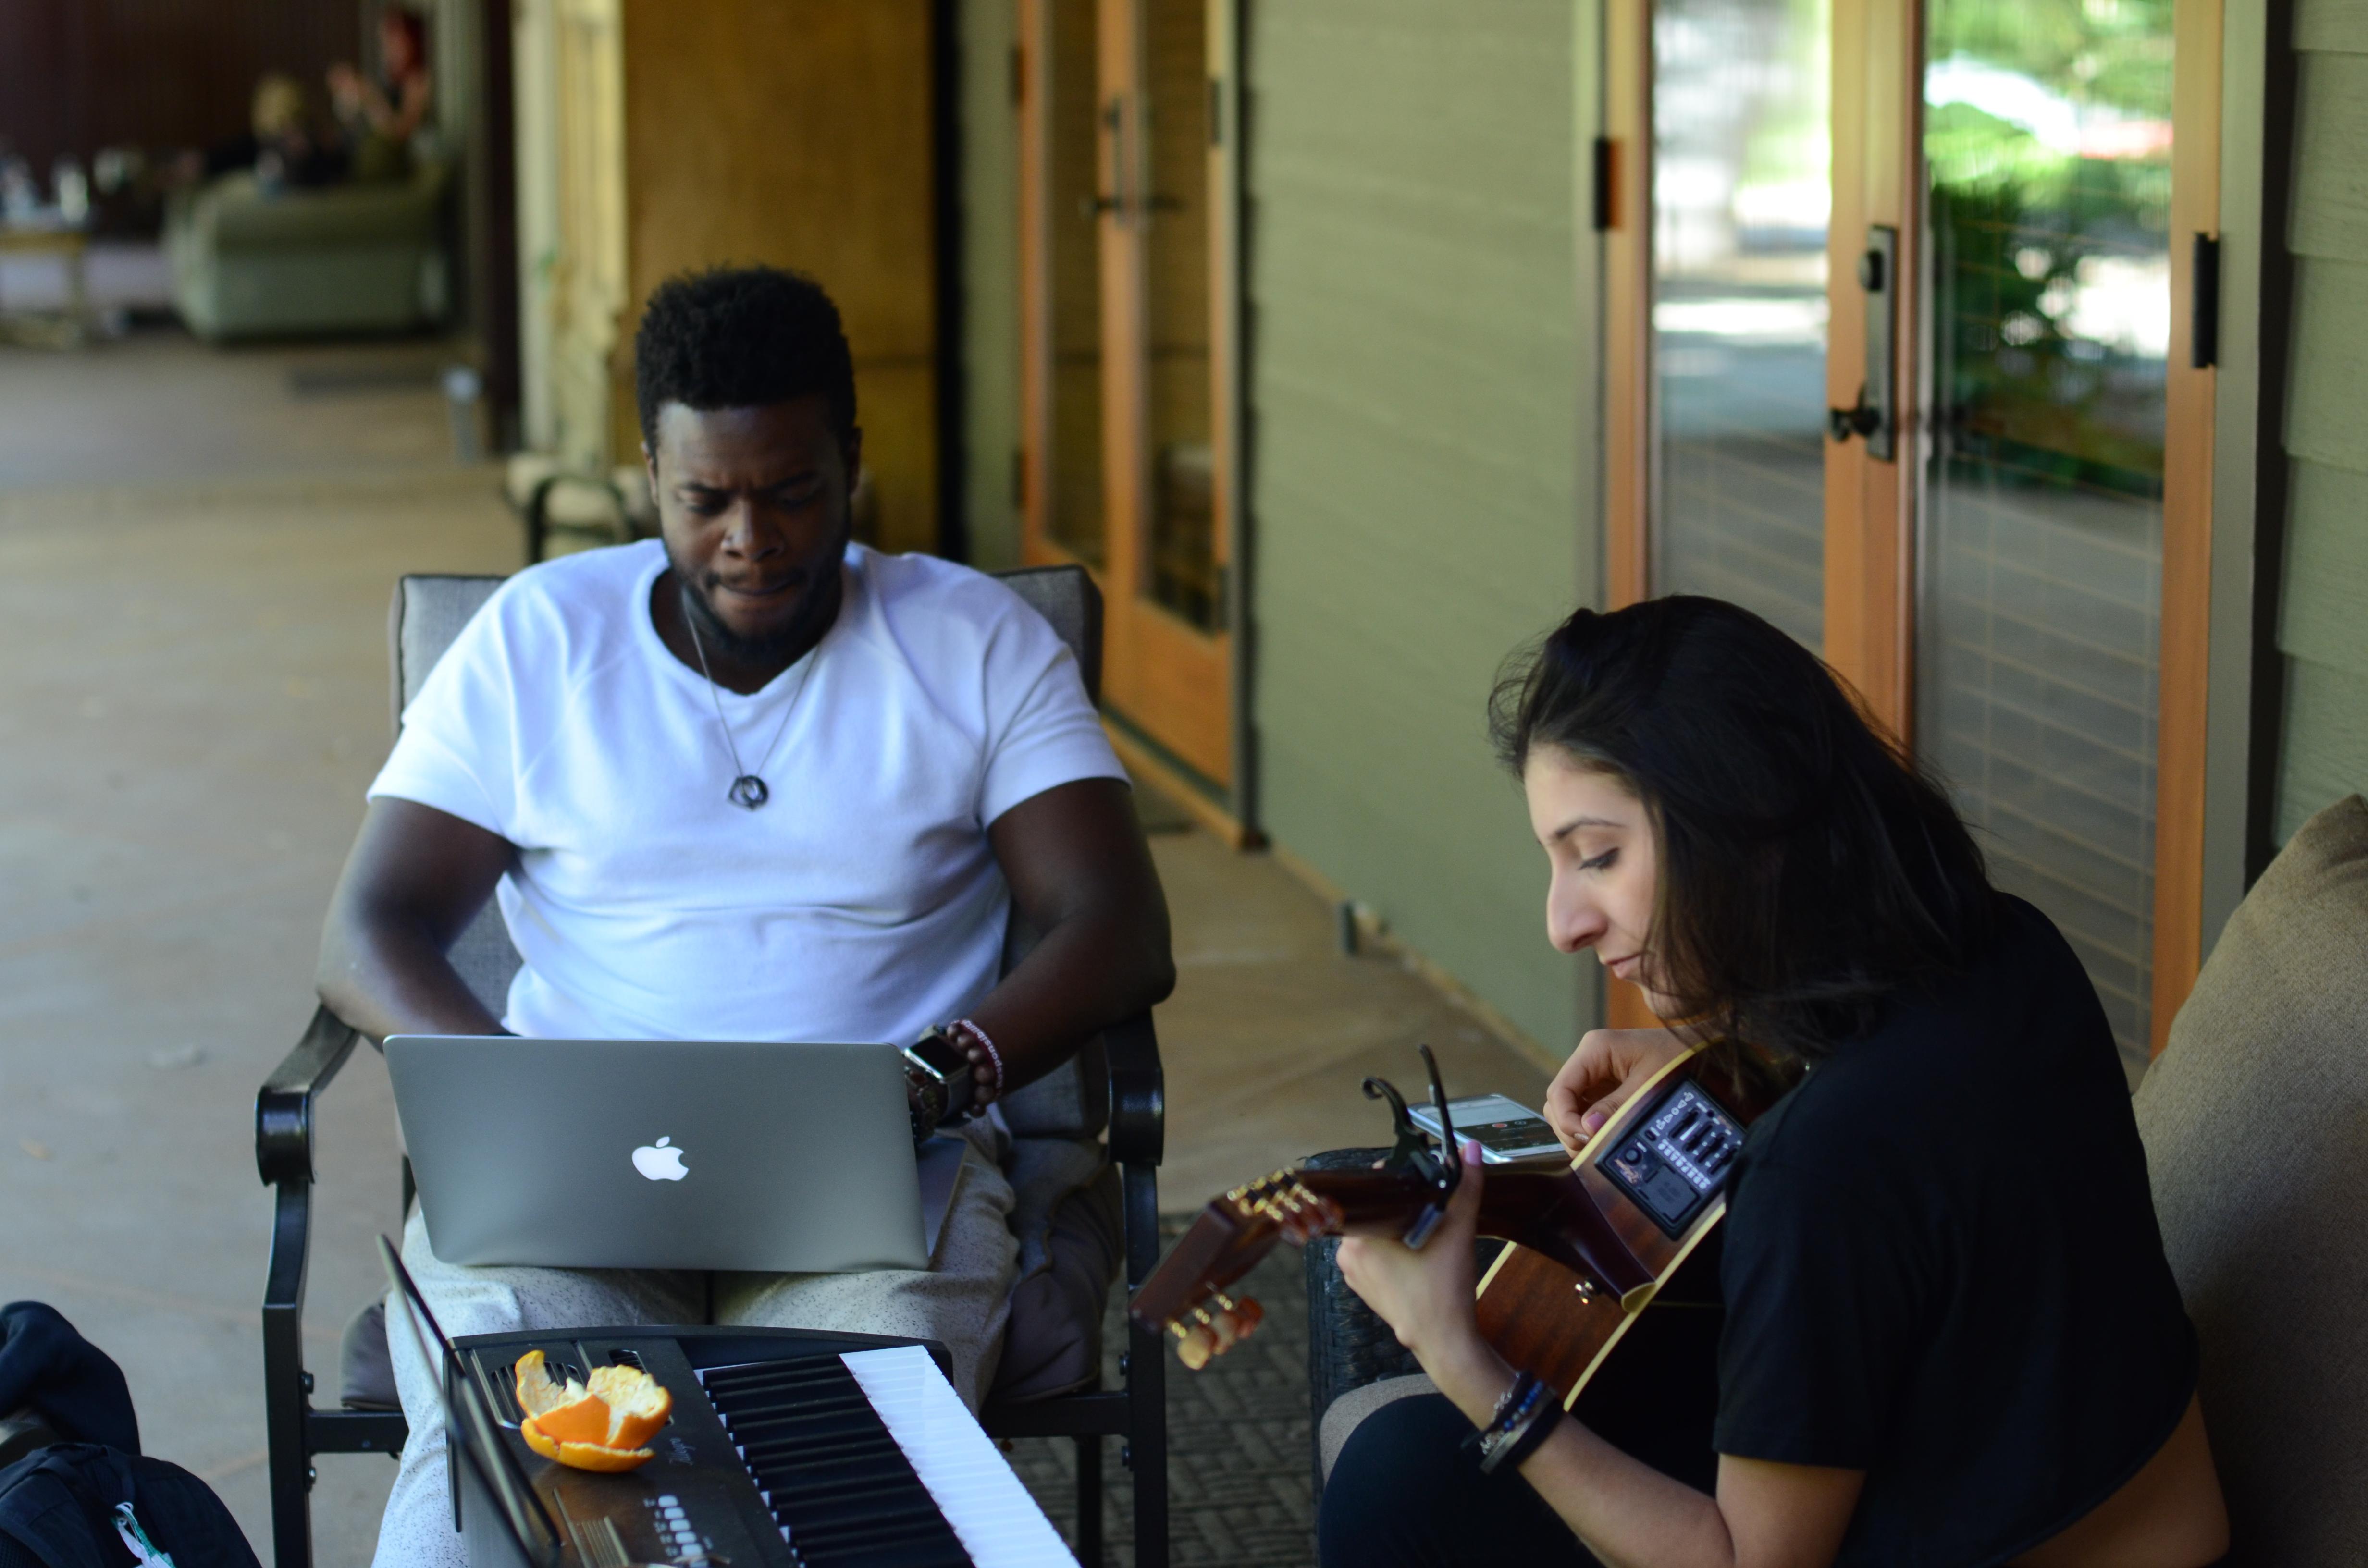 Kevin Olusola & Maya Batra